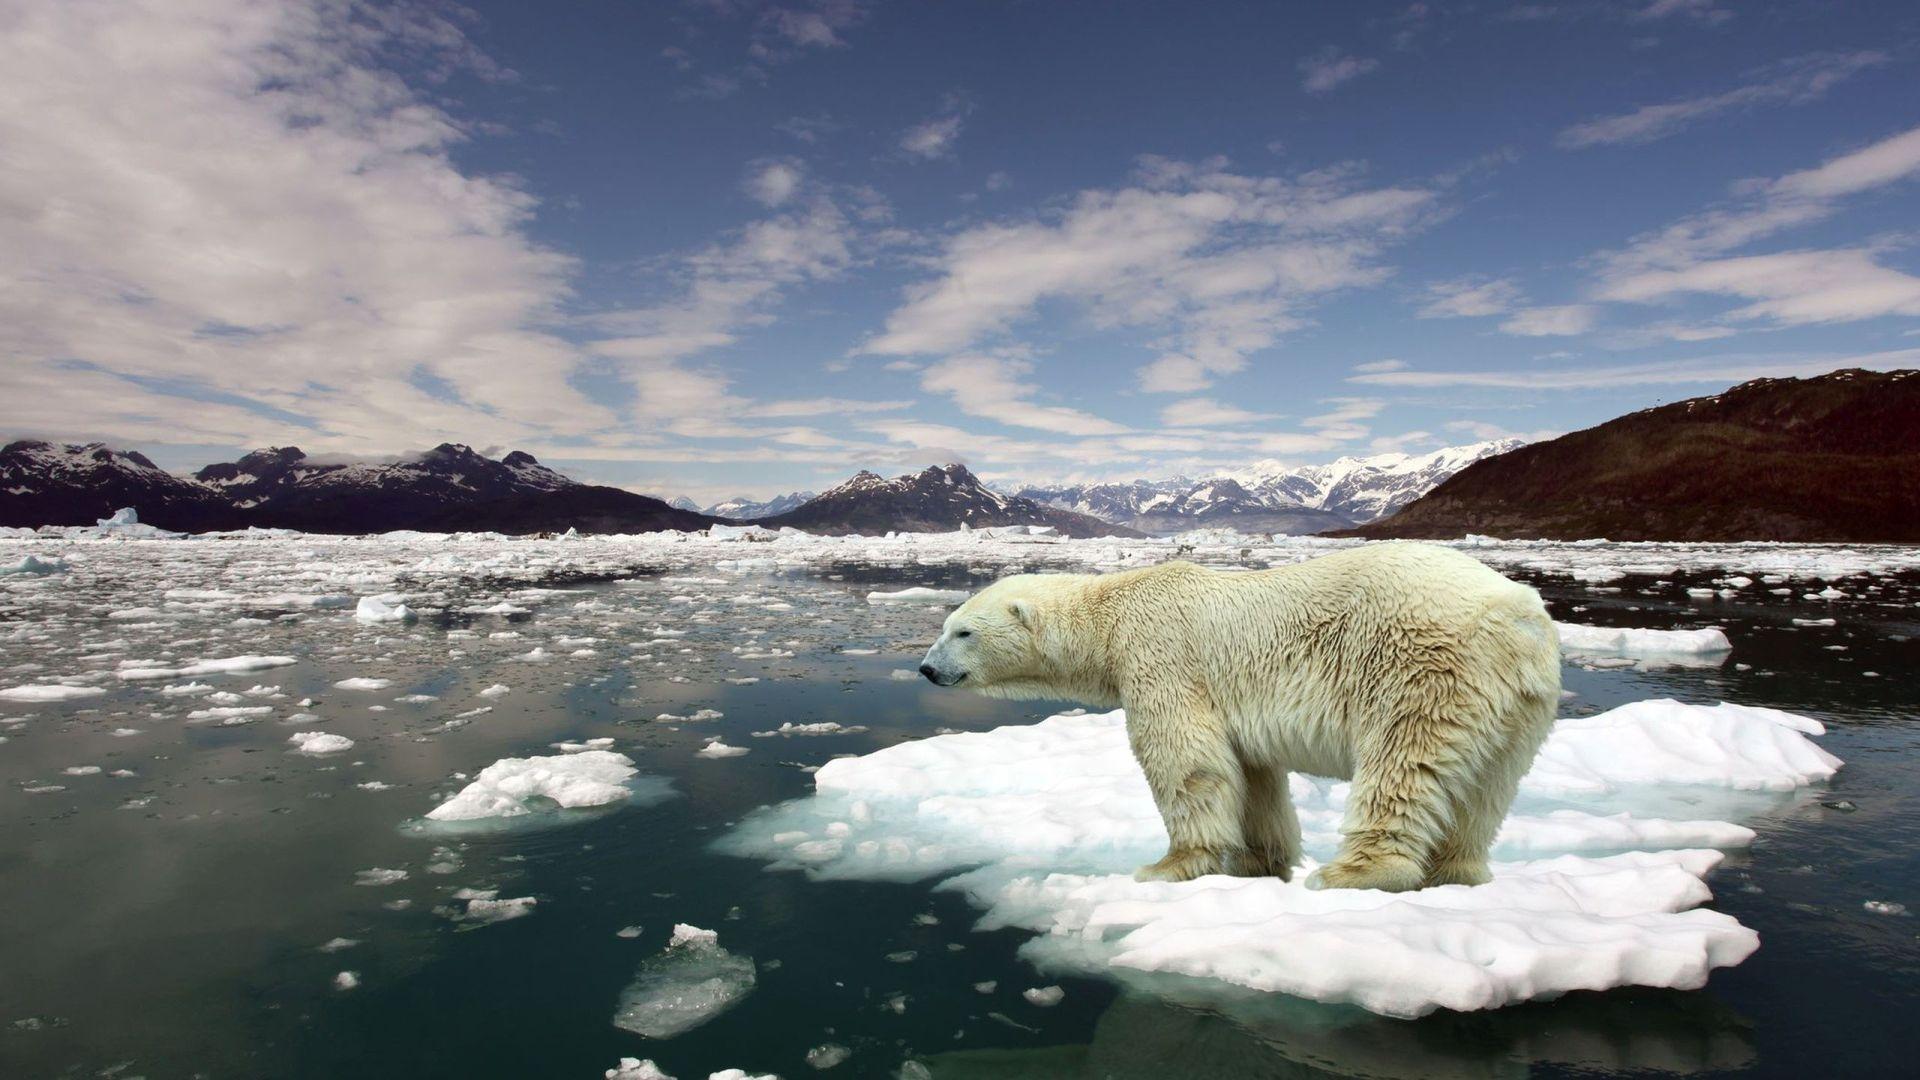 мужские картинки среда обитания белого медведя перьев филина